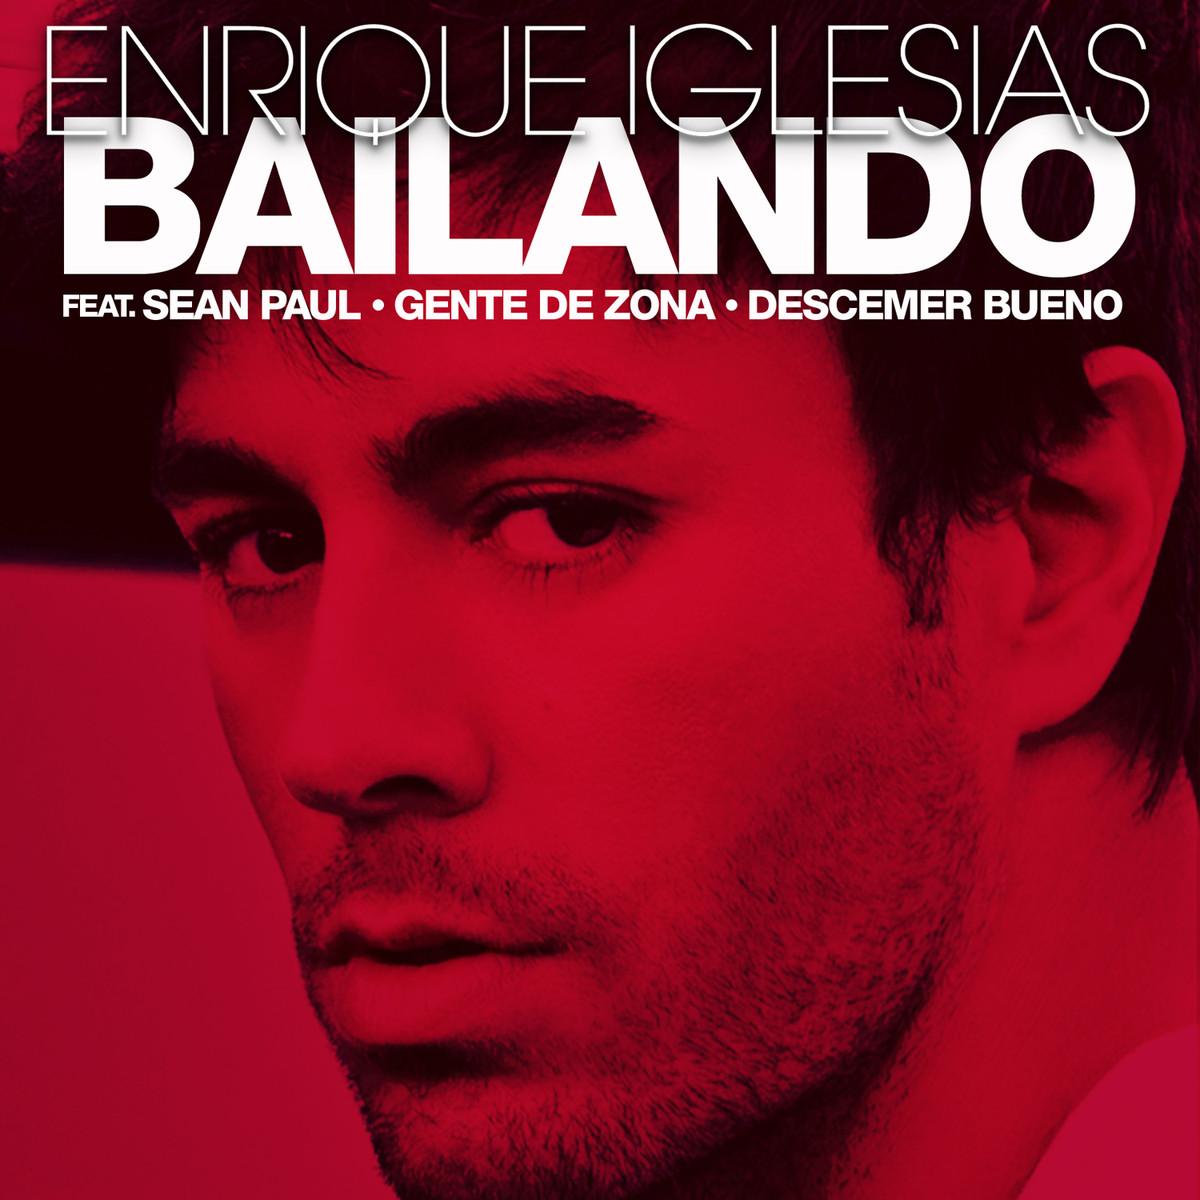 Enrique Iglesias Bailando Testo E Traduzione Versione